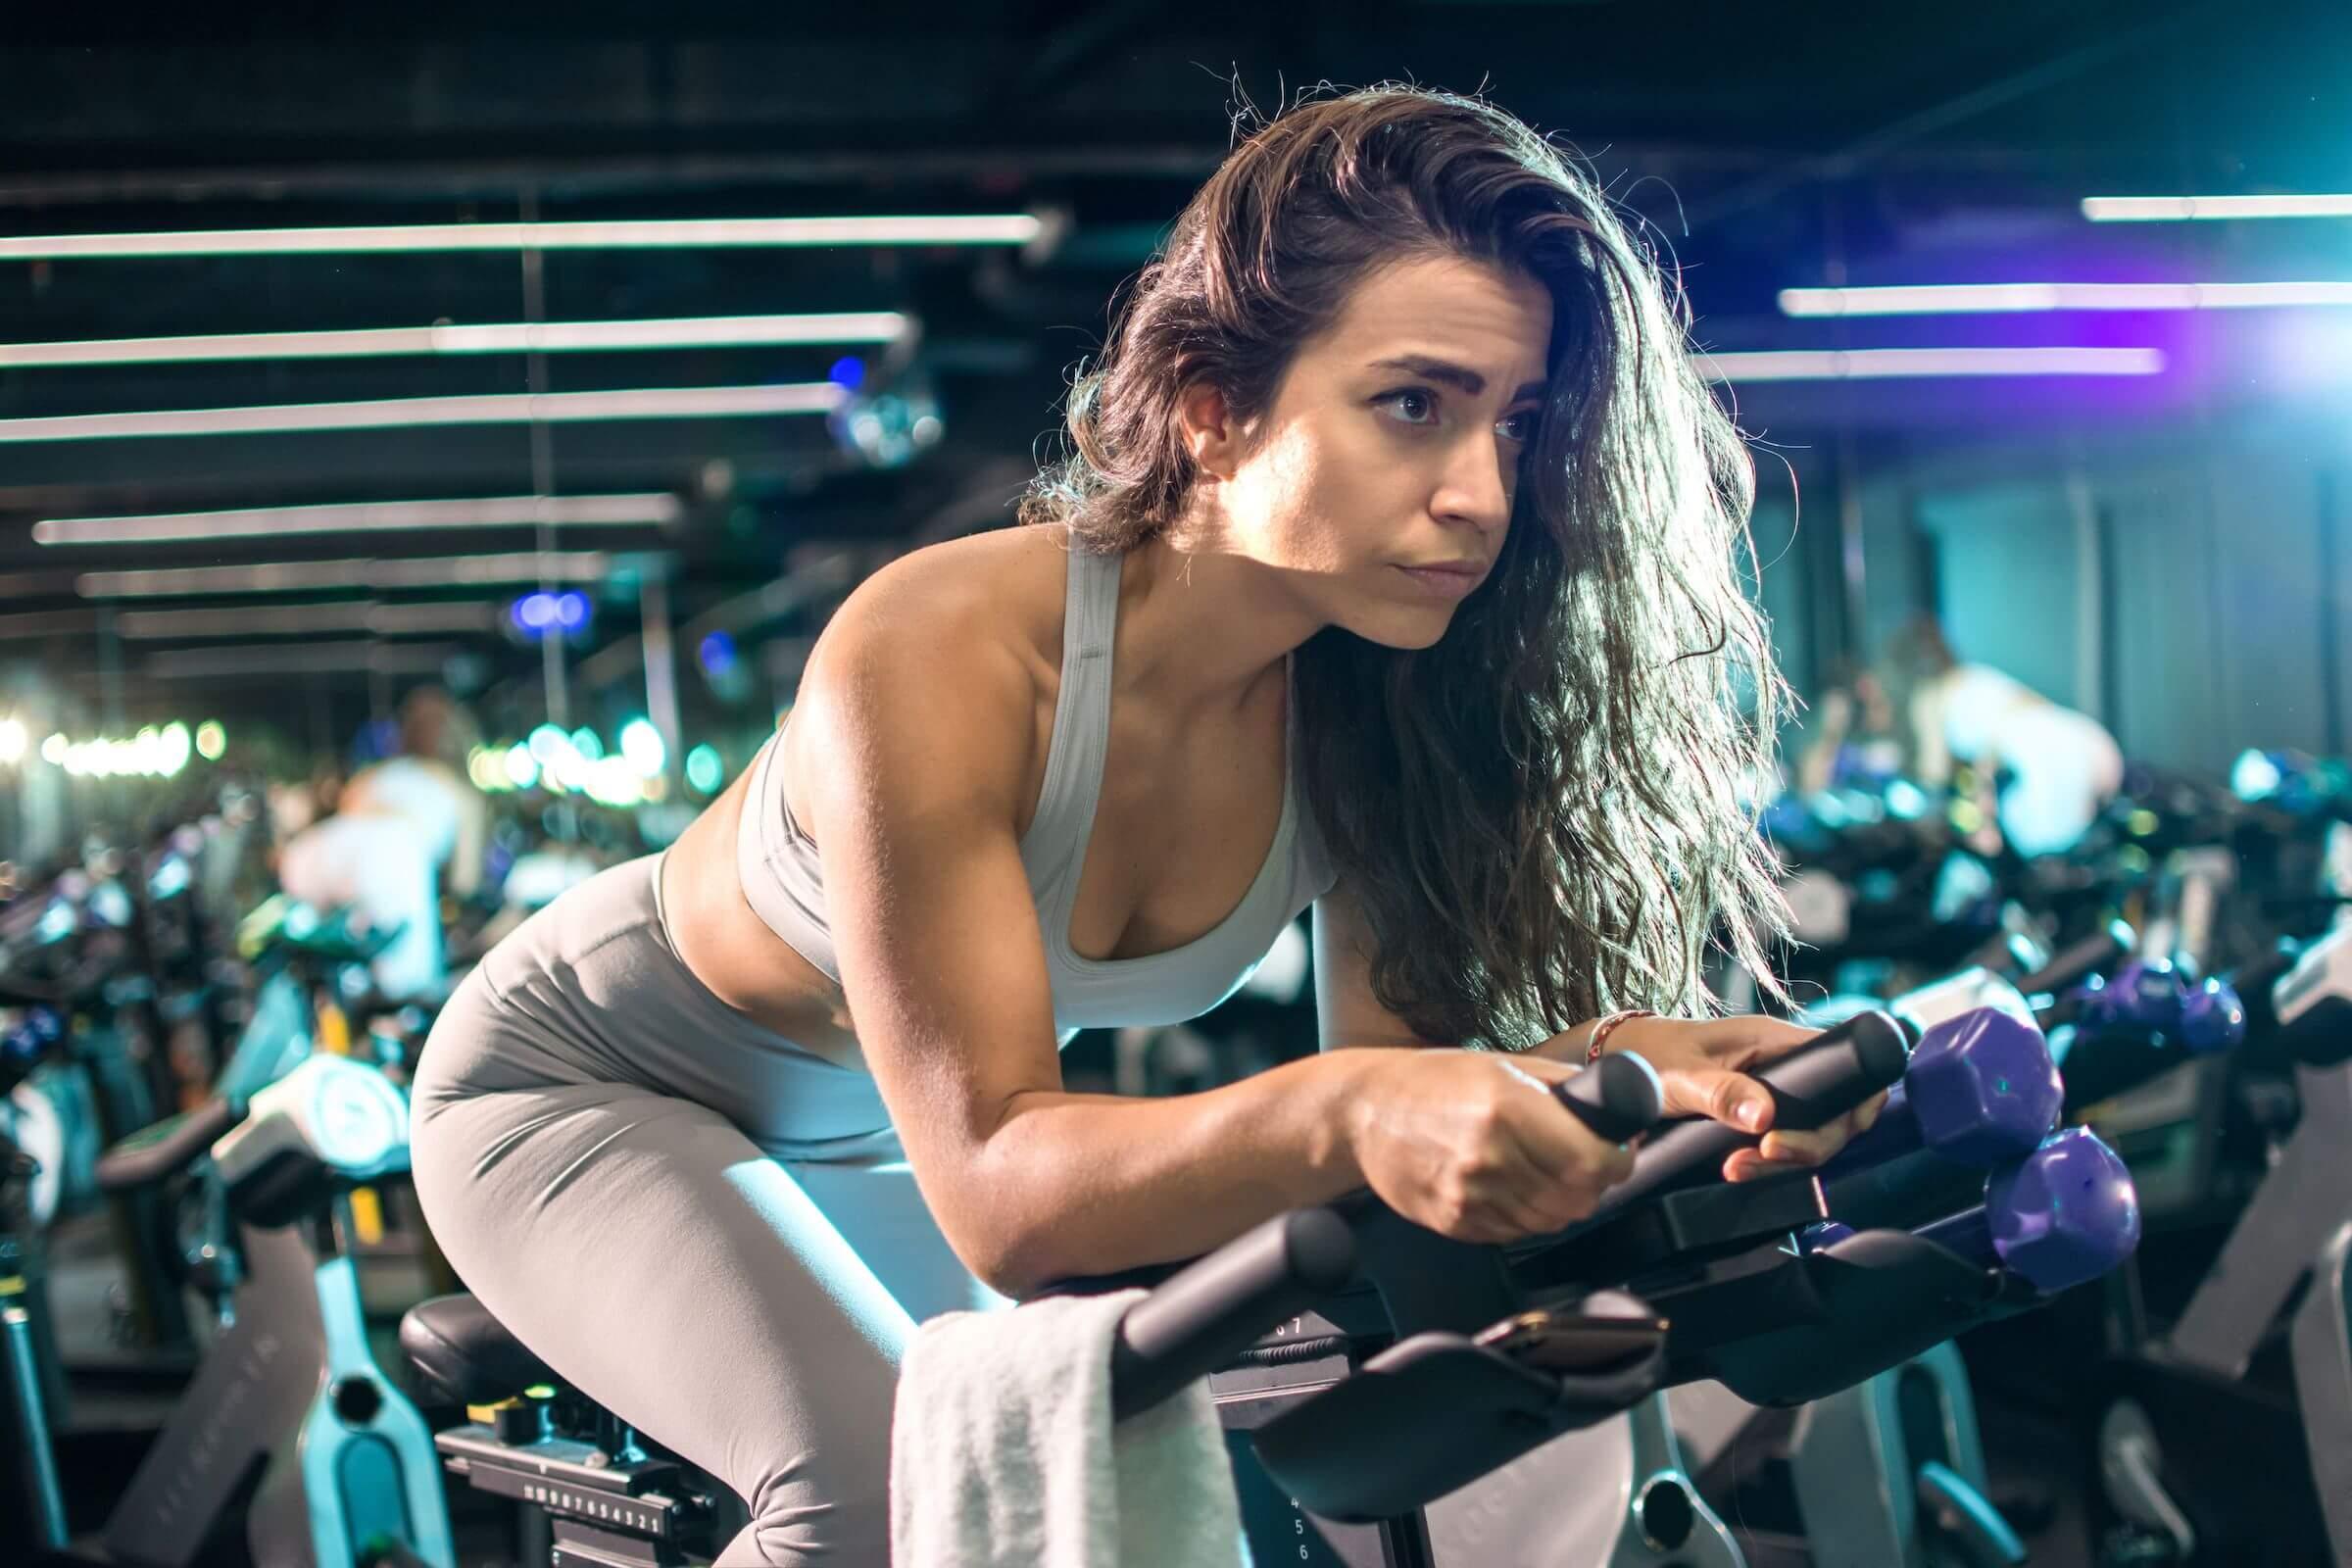 Gợi ý một số xe đạp tập thể dục được ưa chuộng nhất hiện nay